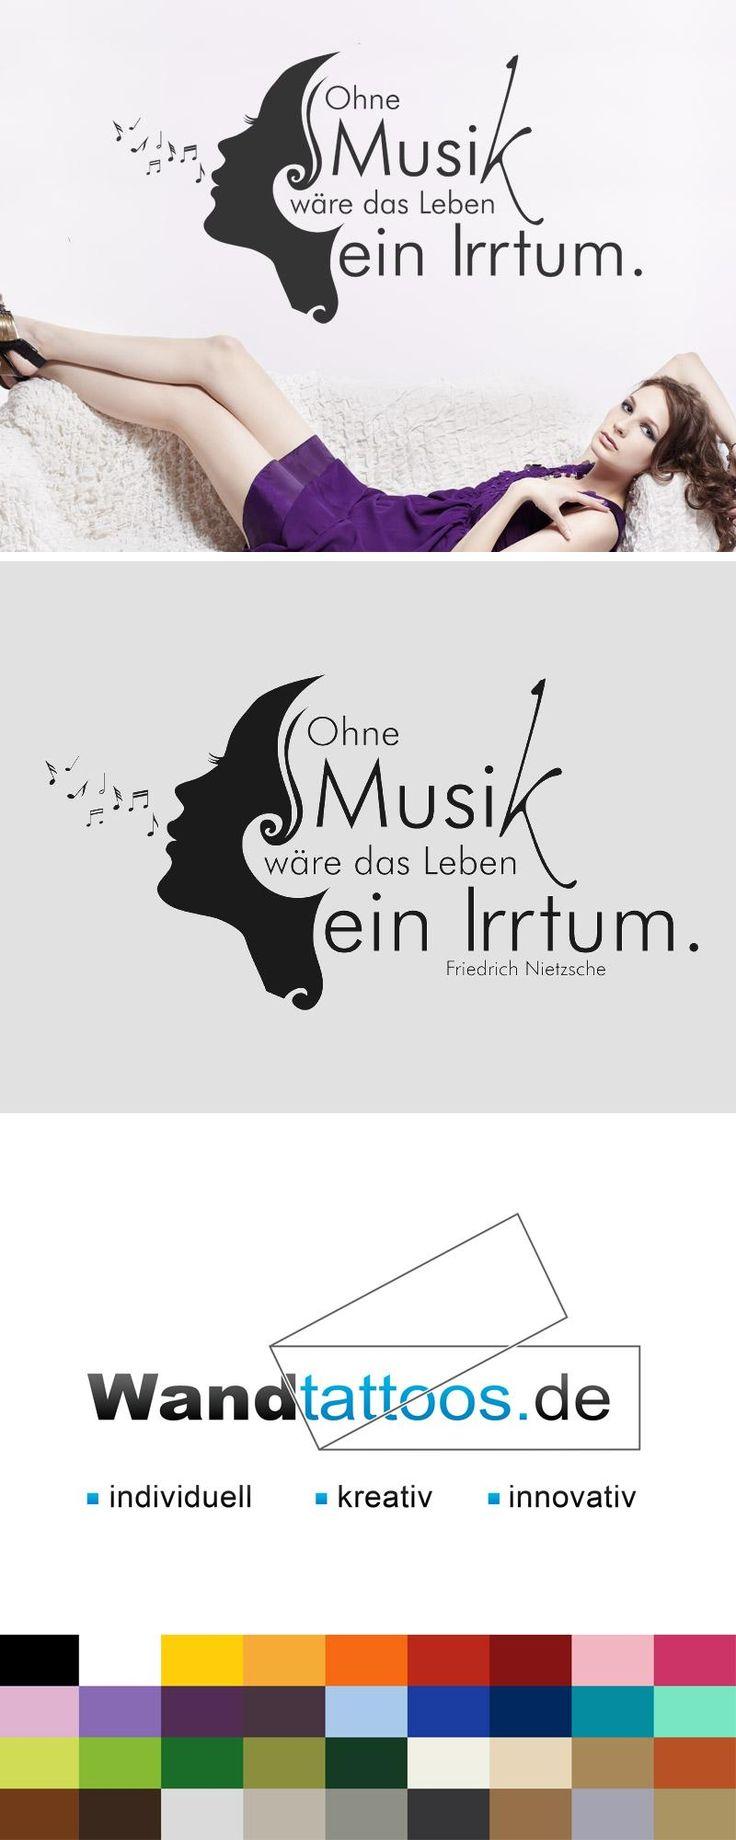 Awesome Wandtattoo Ohne Musik w re das Leben ein Irrtum